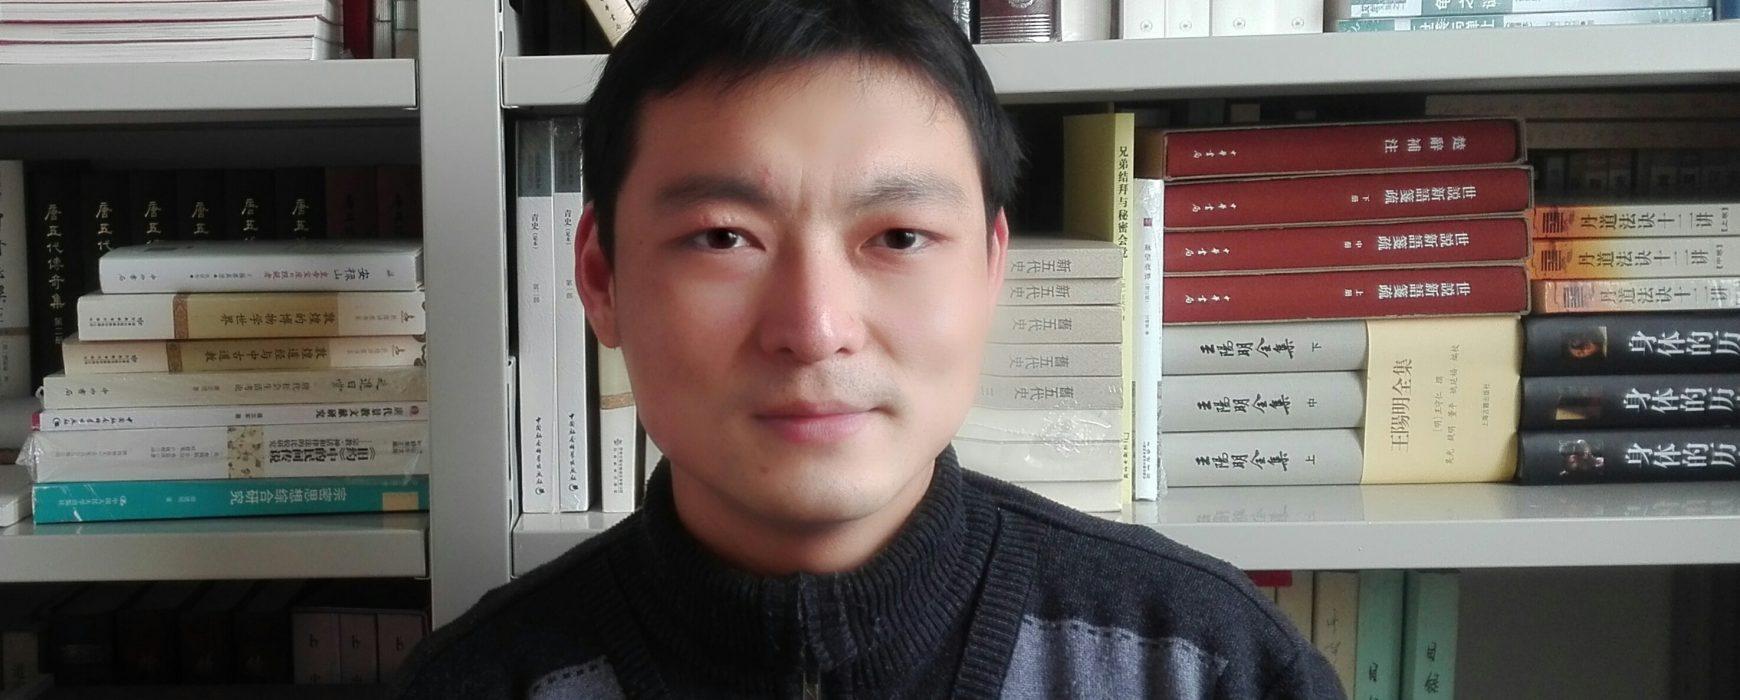 Bai, Zhaojie